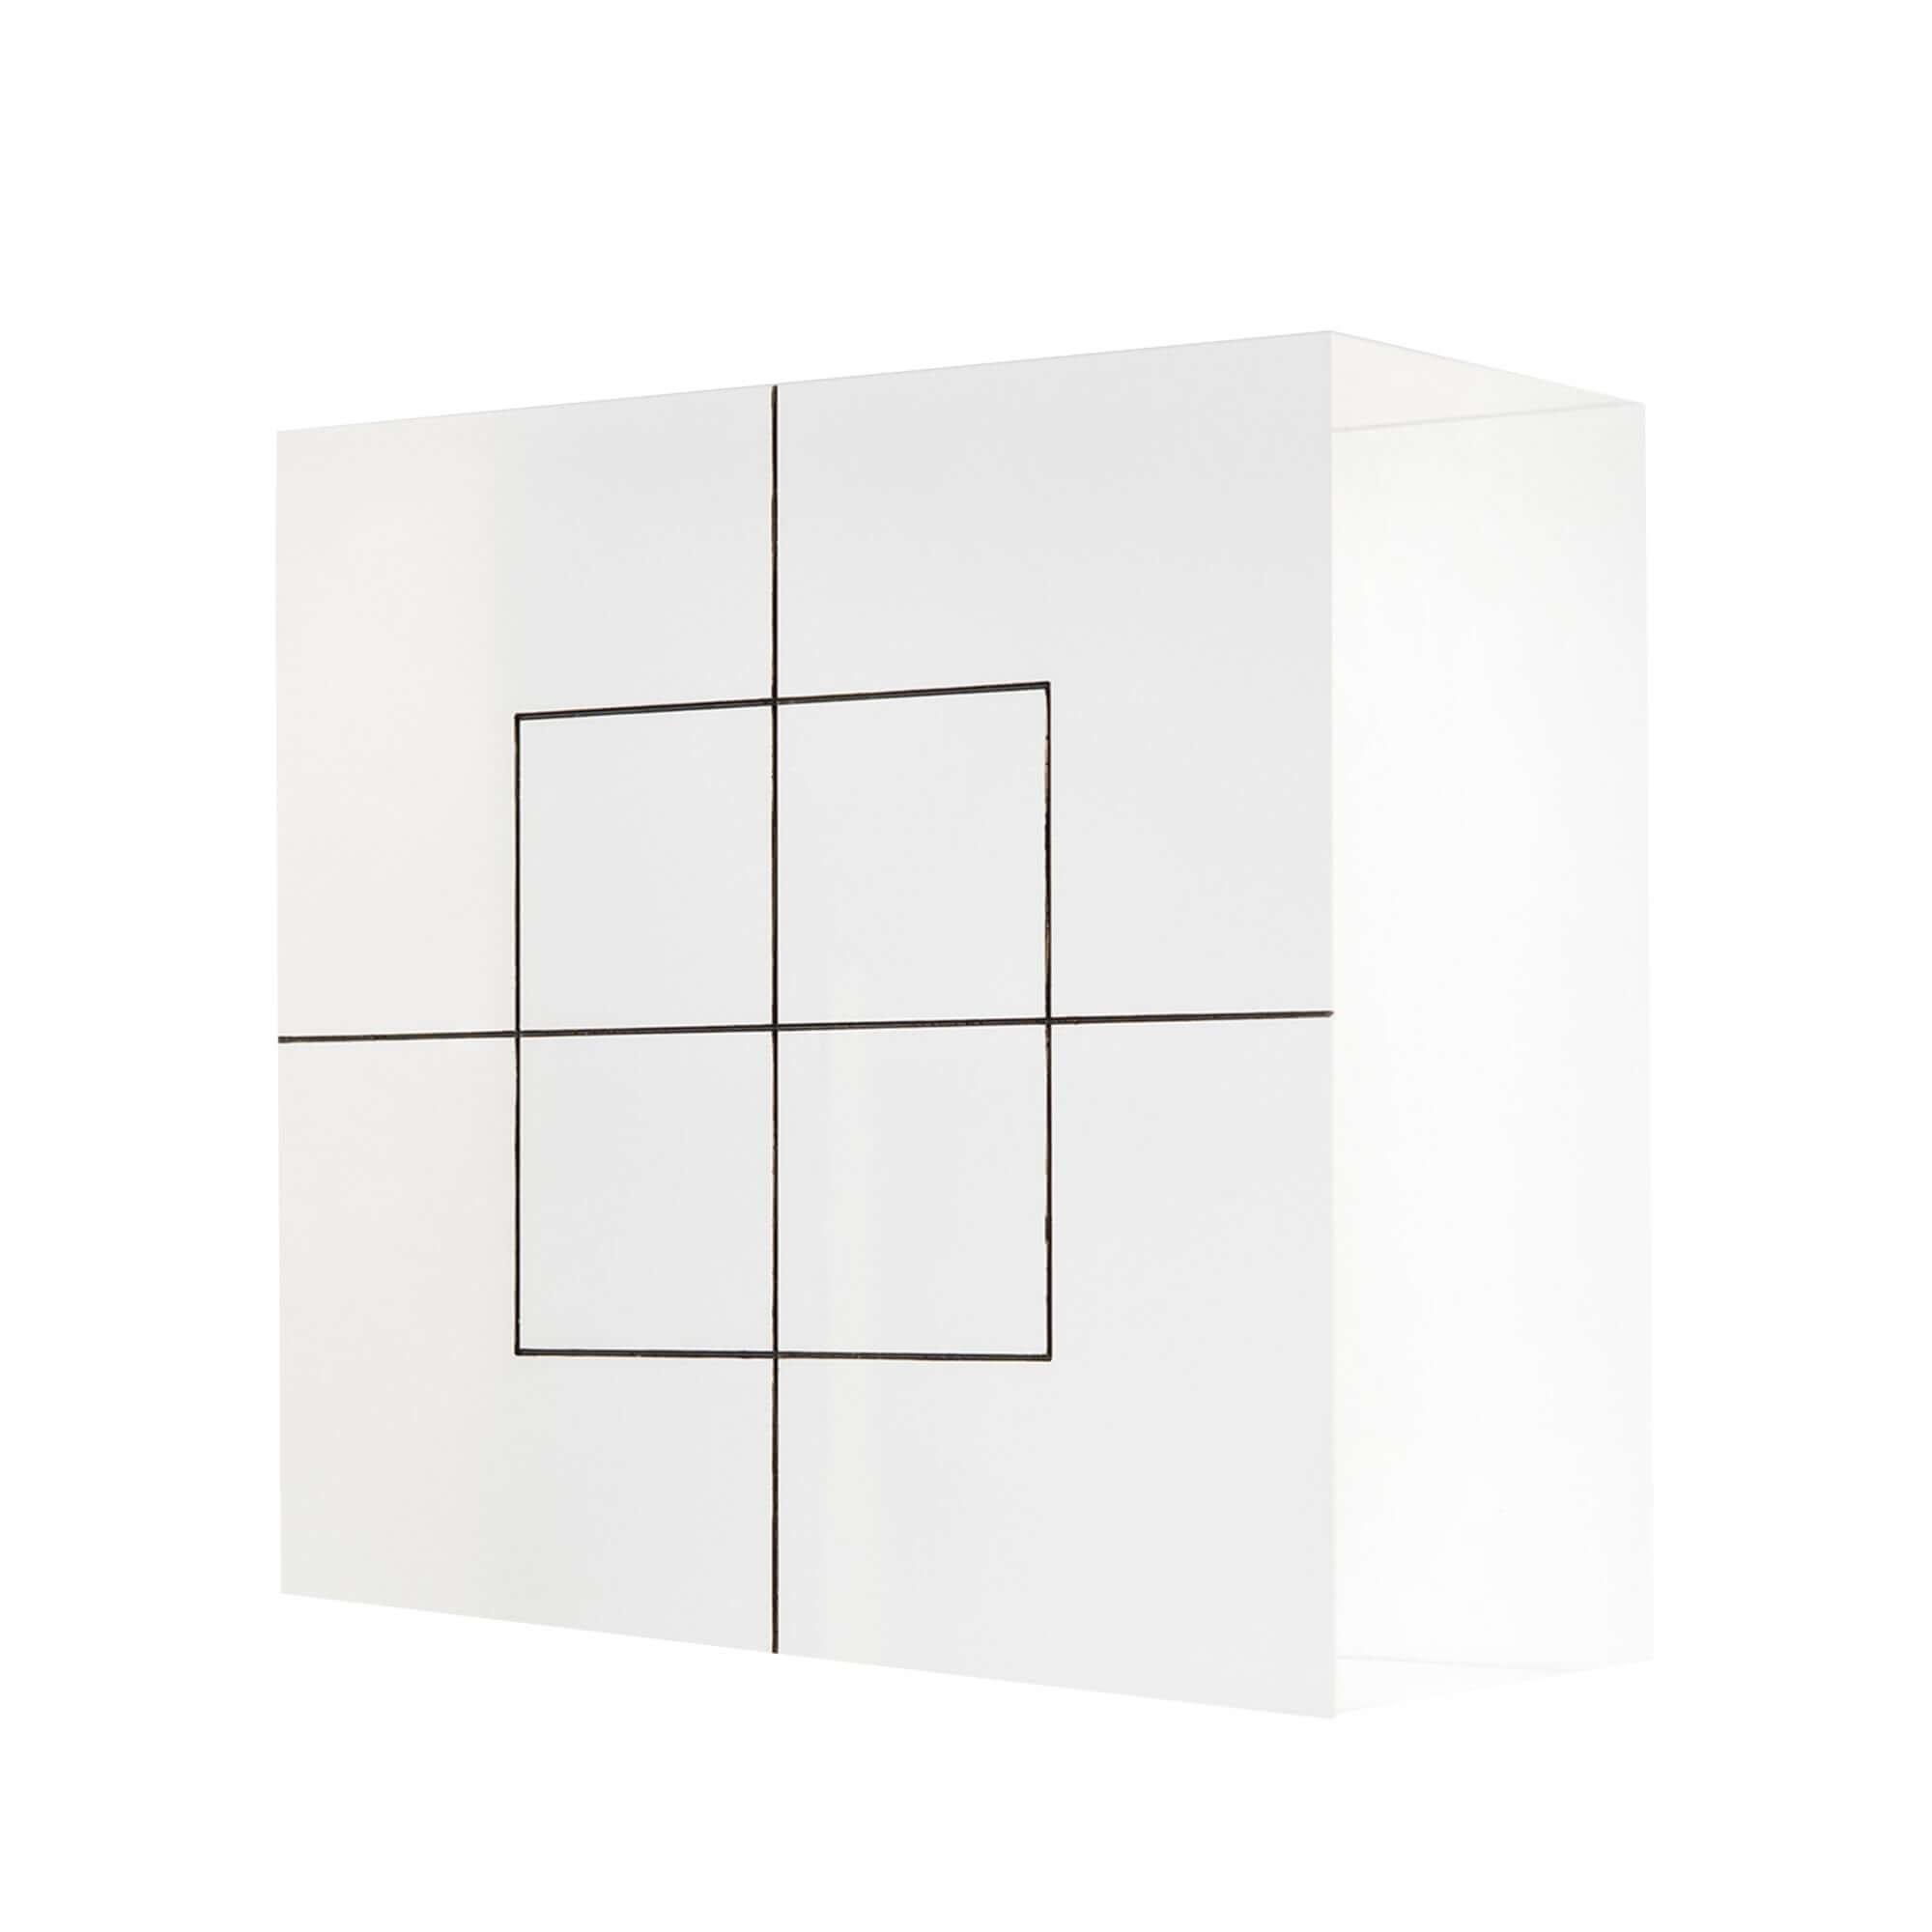 Acryline Elements de comptoir en verre acrylique, illuminé en verre acrylique imprimé